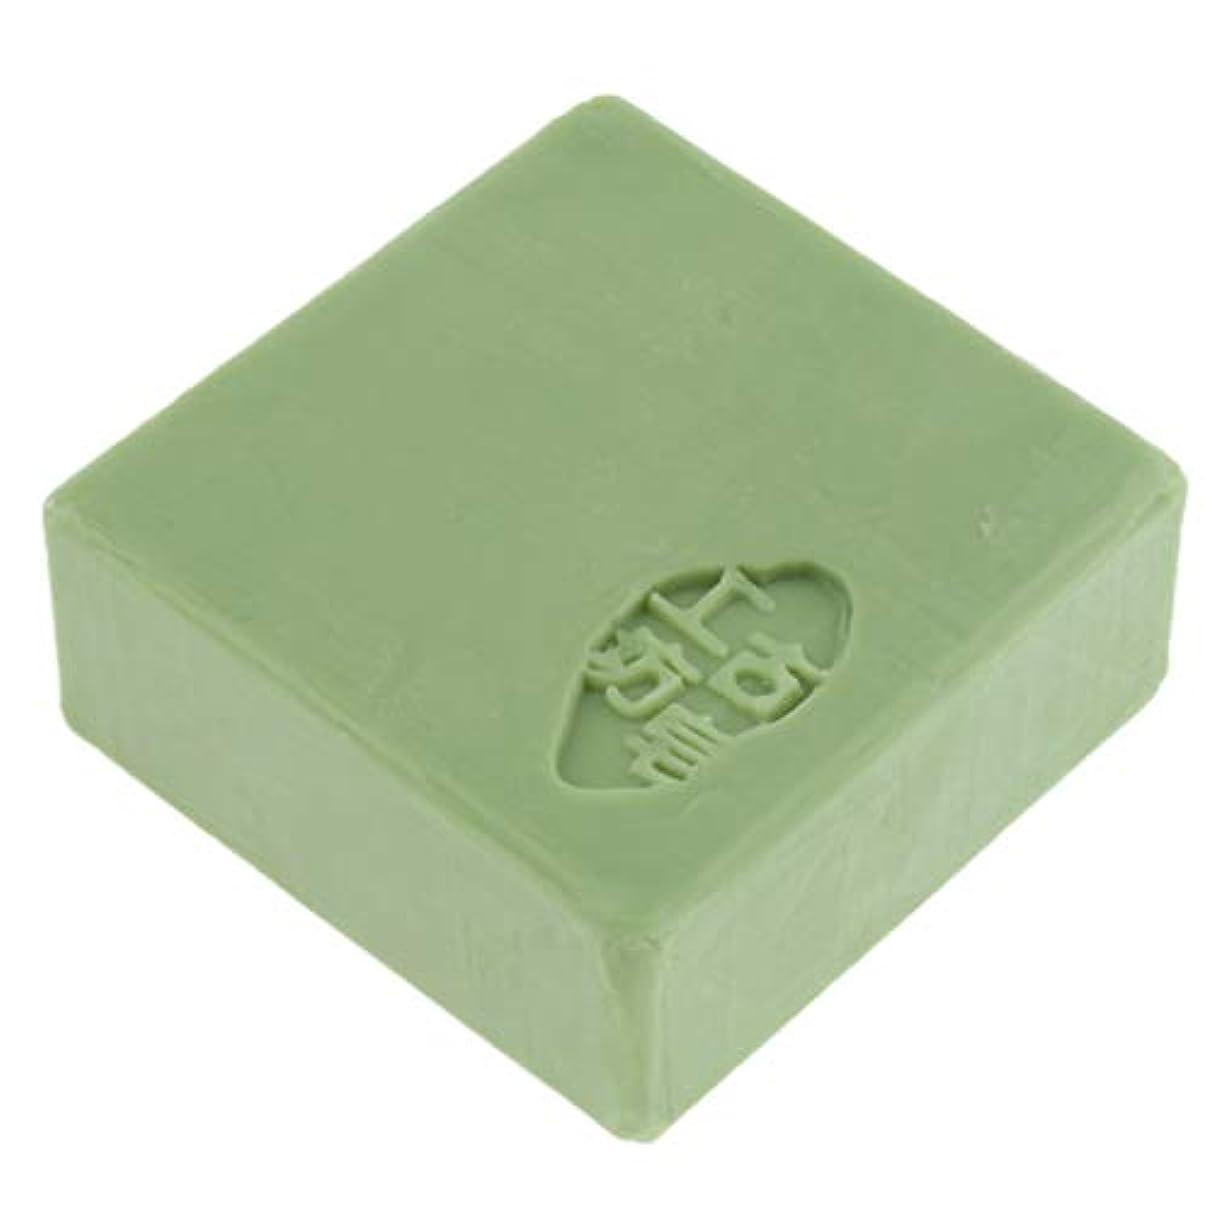 静かな宇宙の確保するFLAMEER フェイスソープ ボディソープ スキンケア 石鹸 メイク落とし 全3色 - 緑